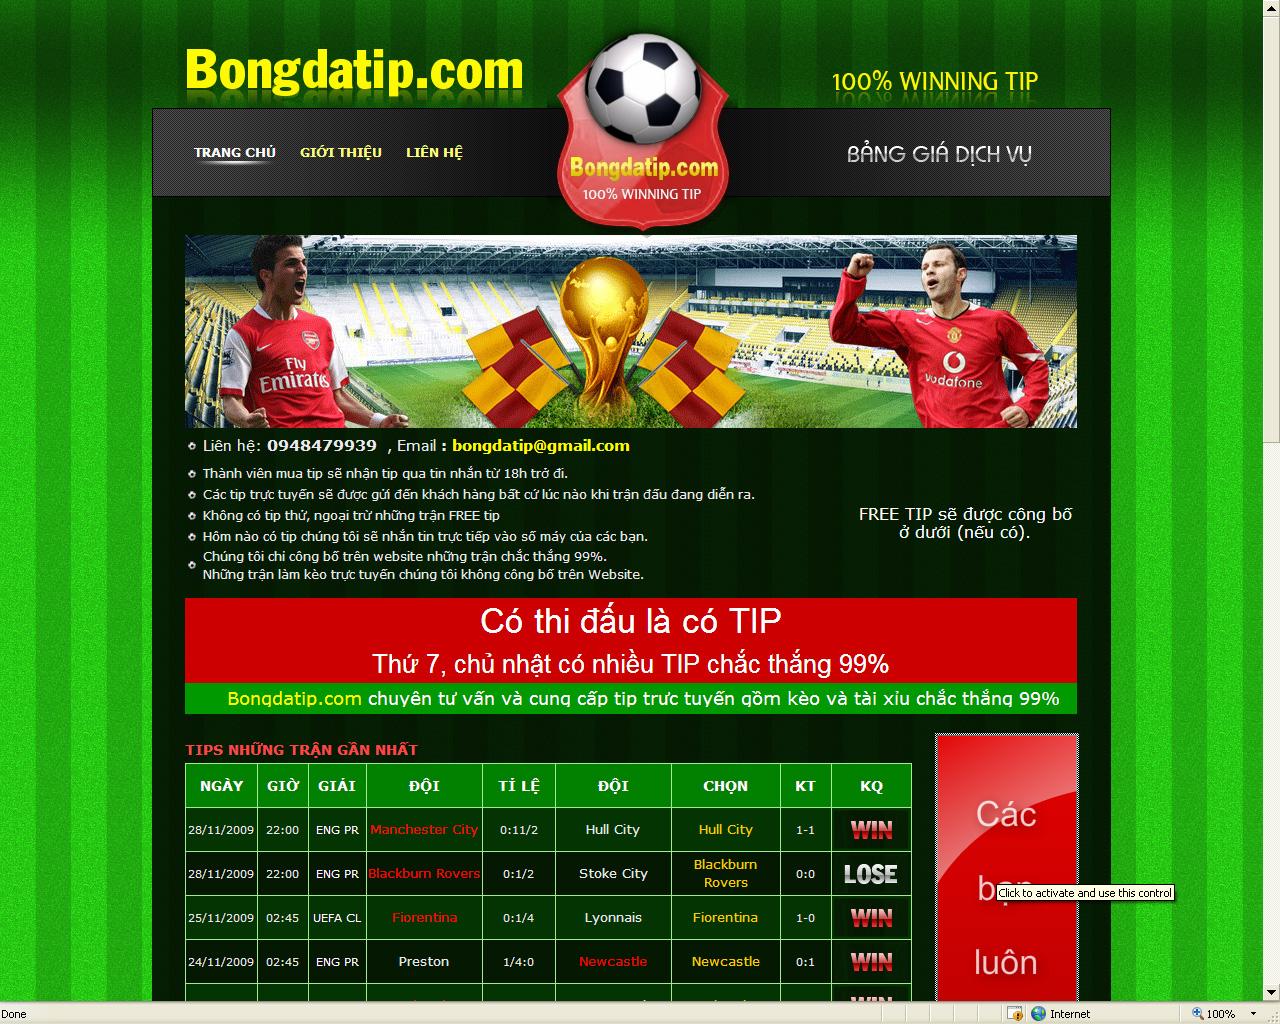 thiết kế website bóng đá online